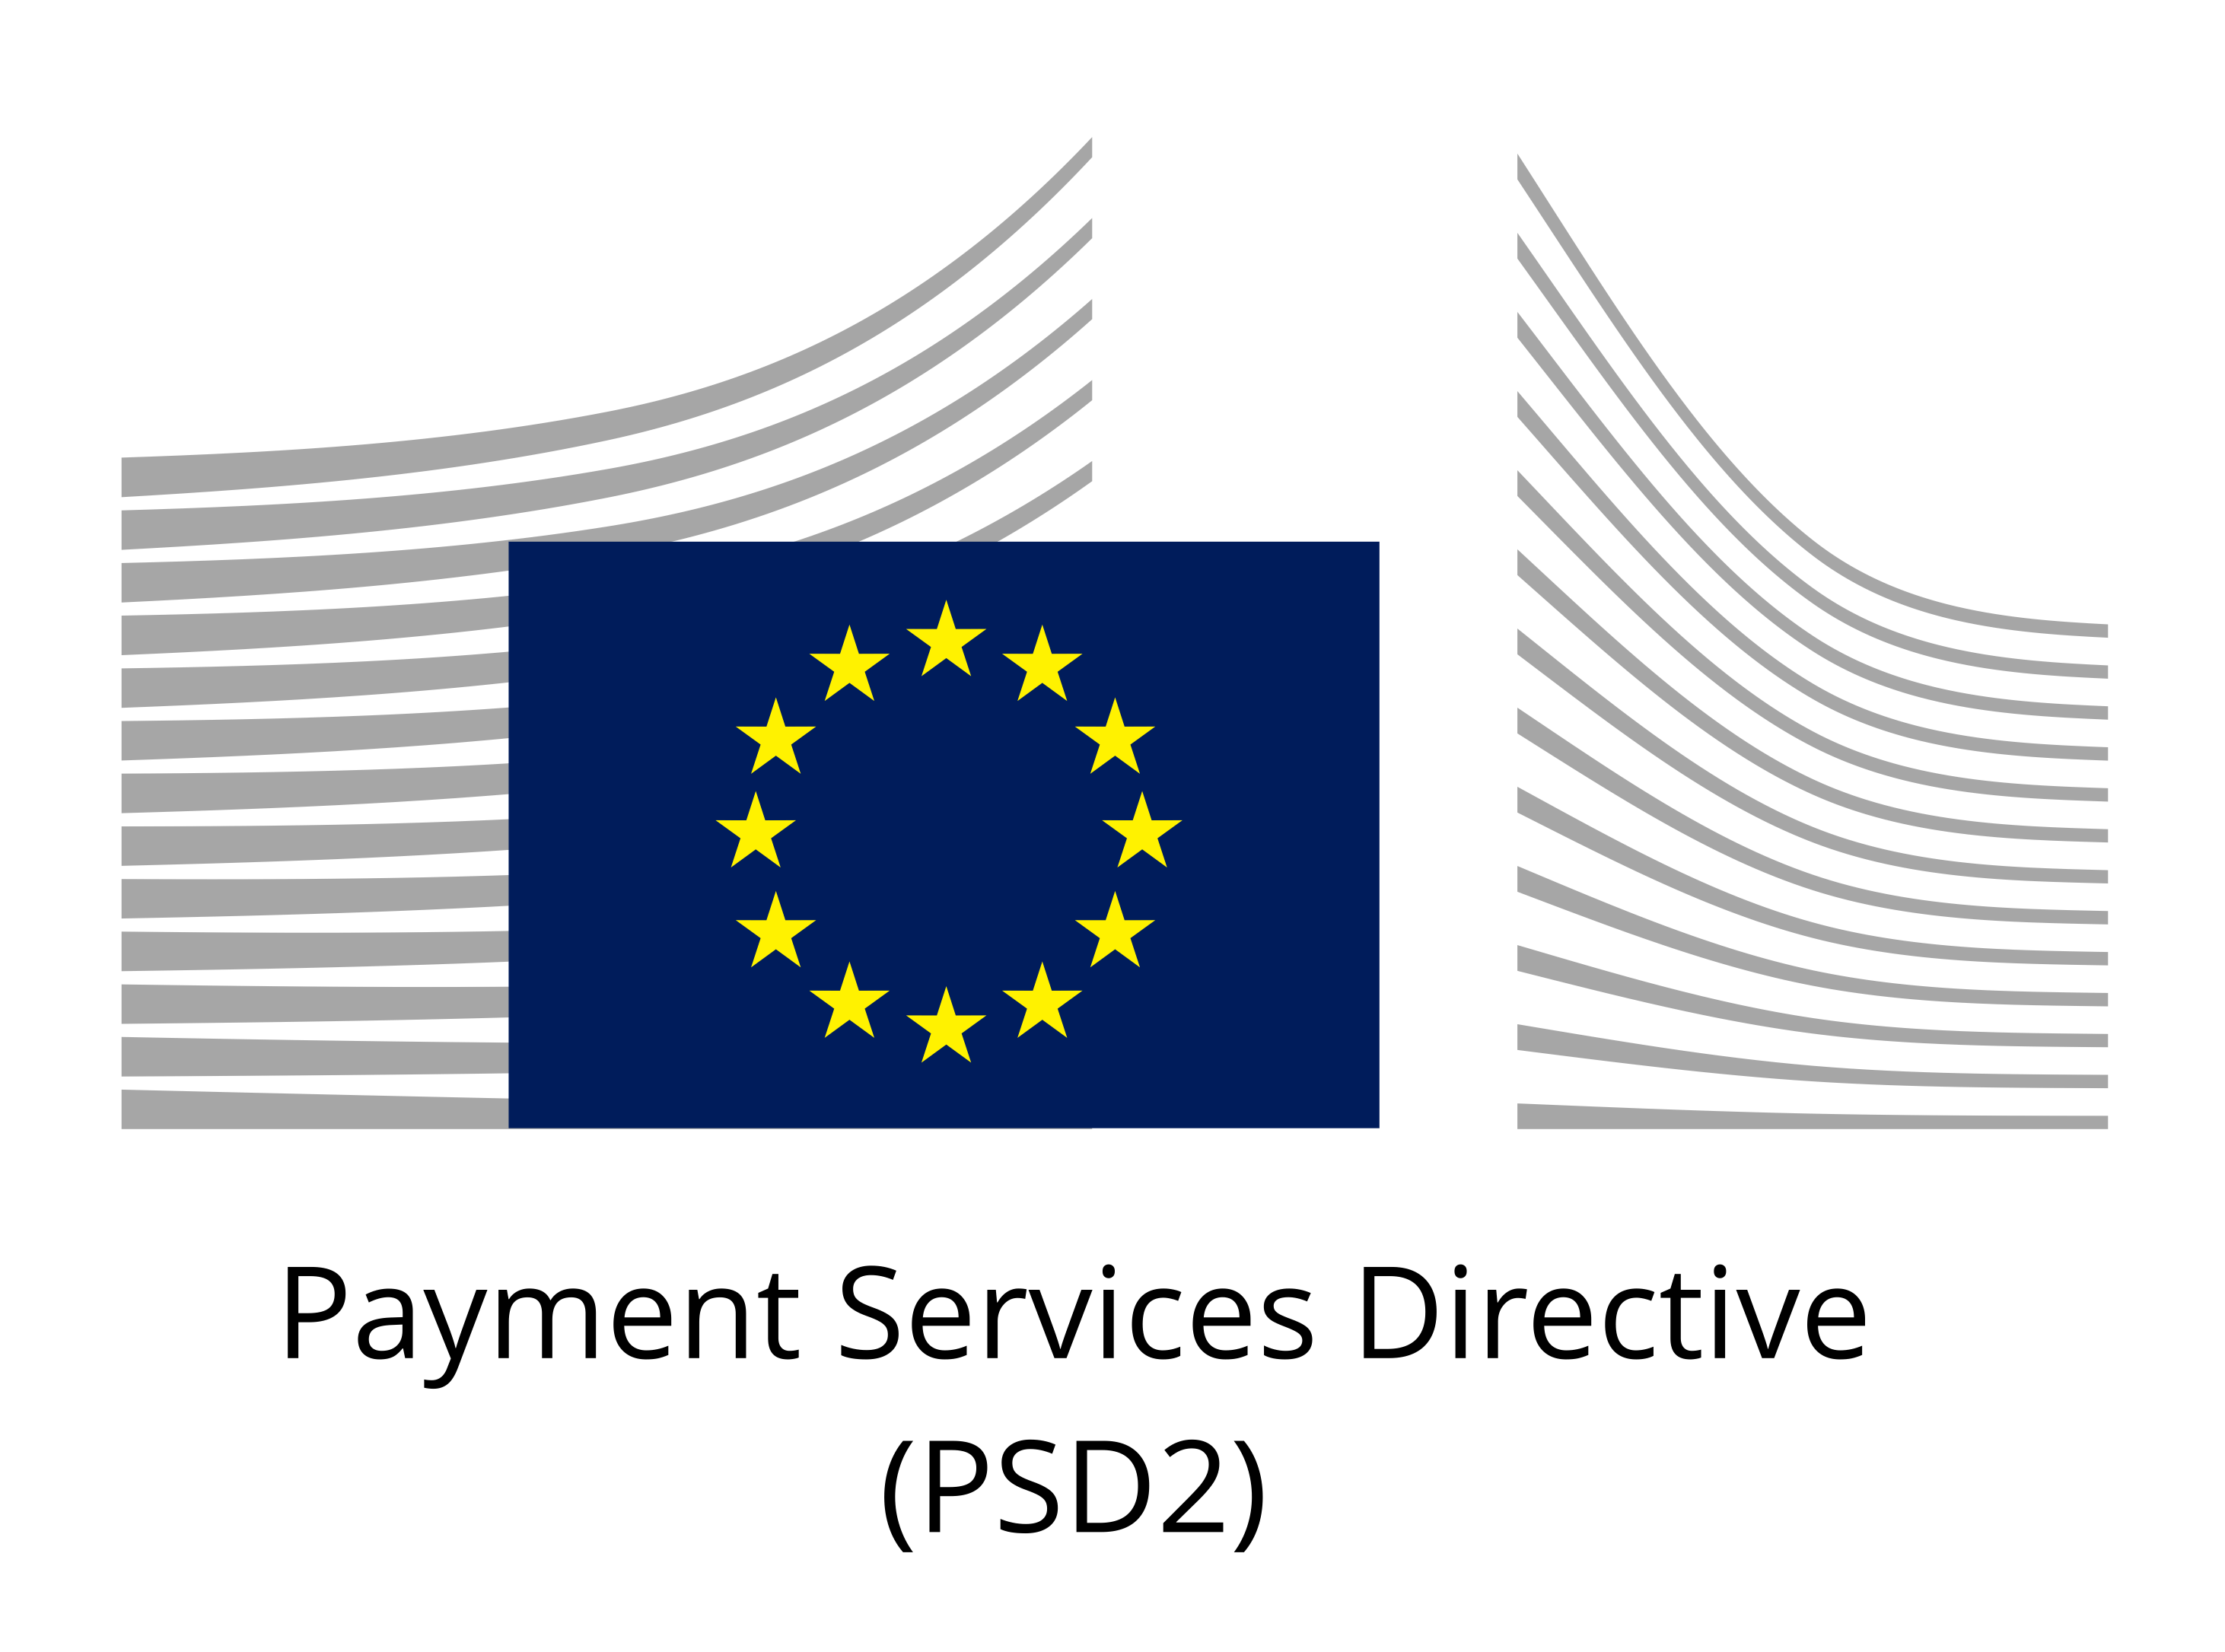 psd2-eu